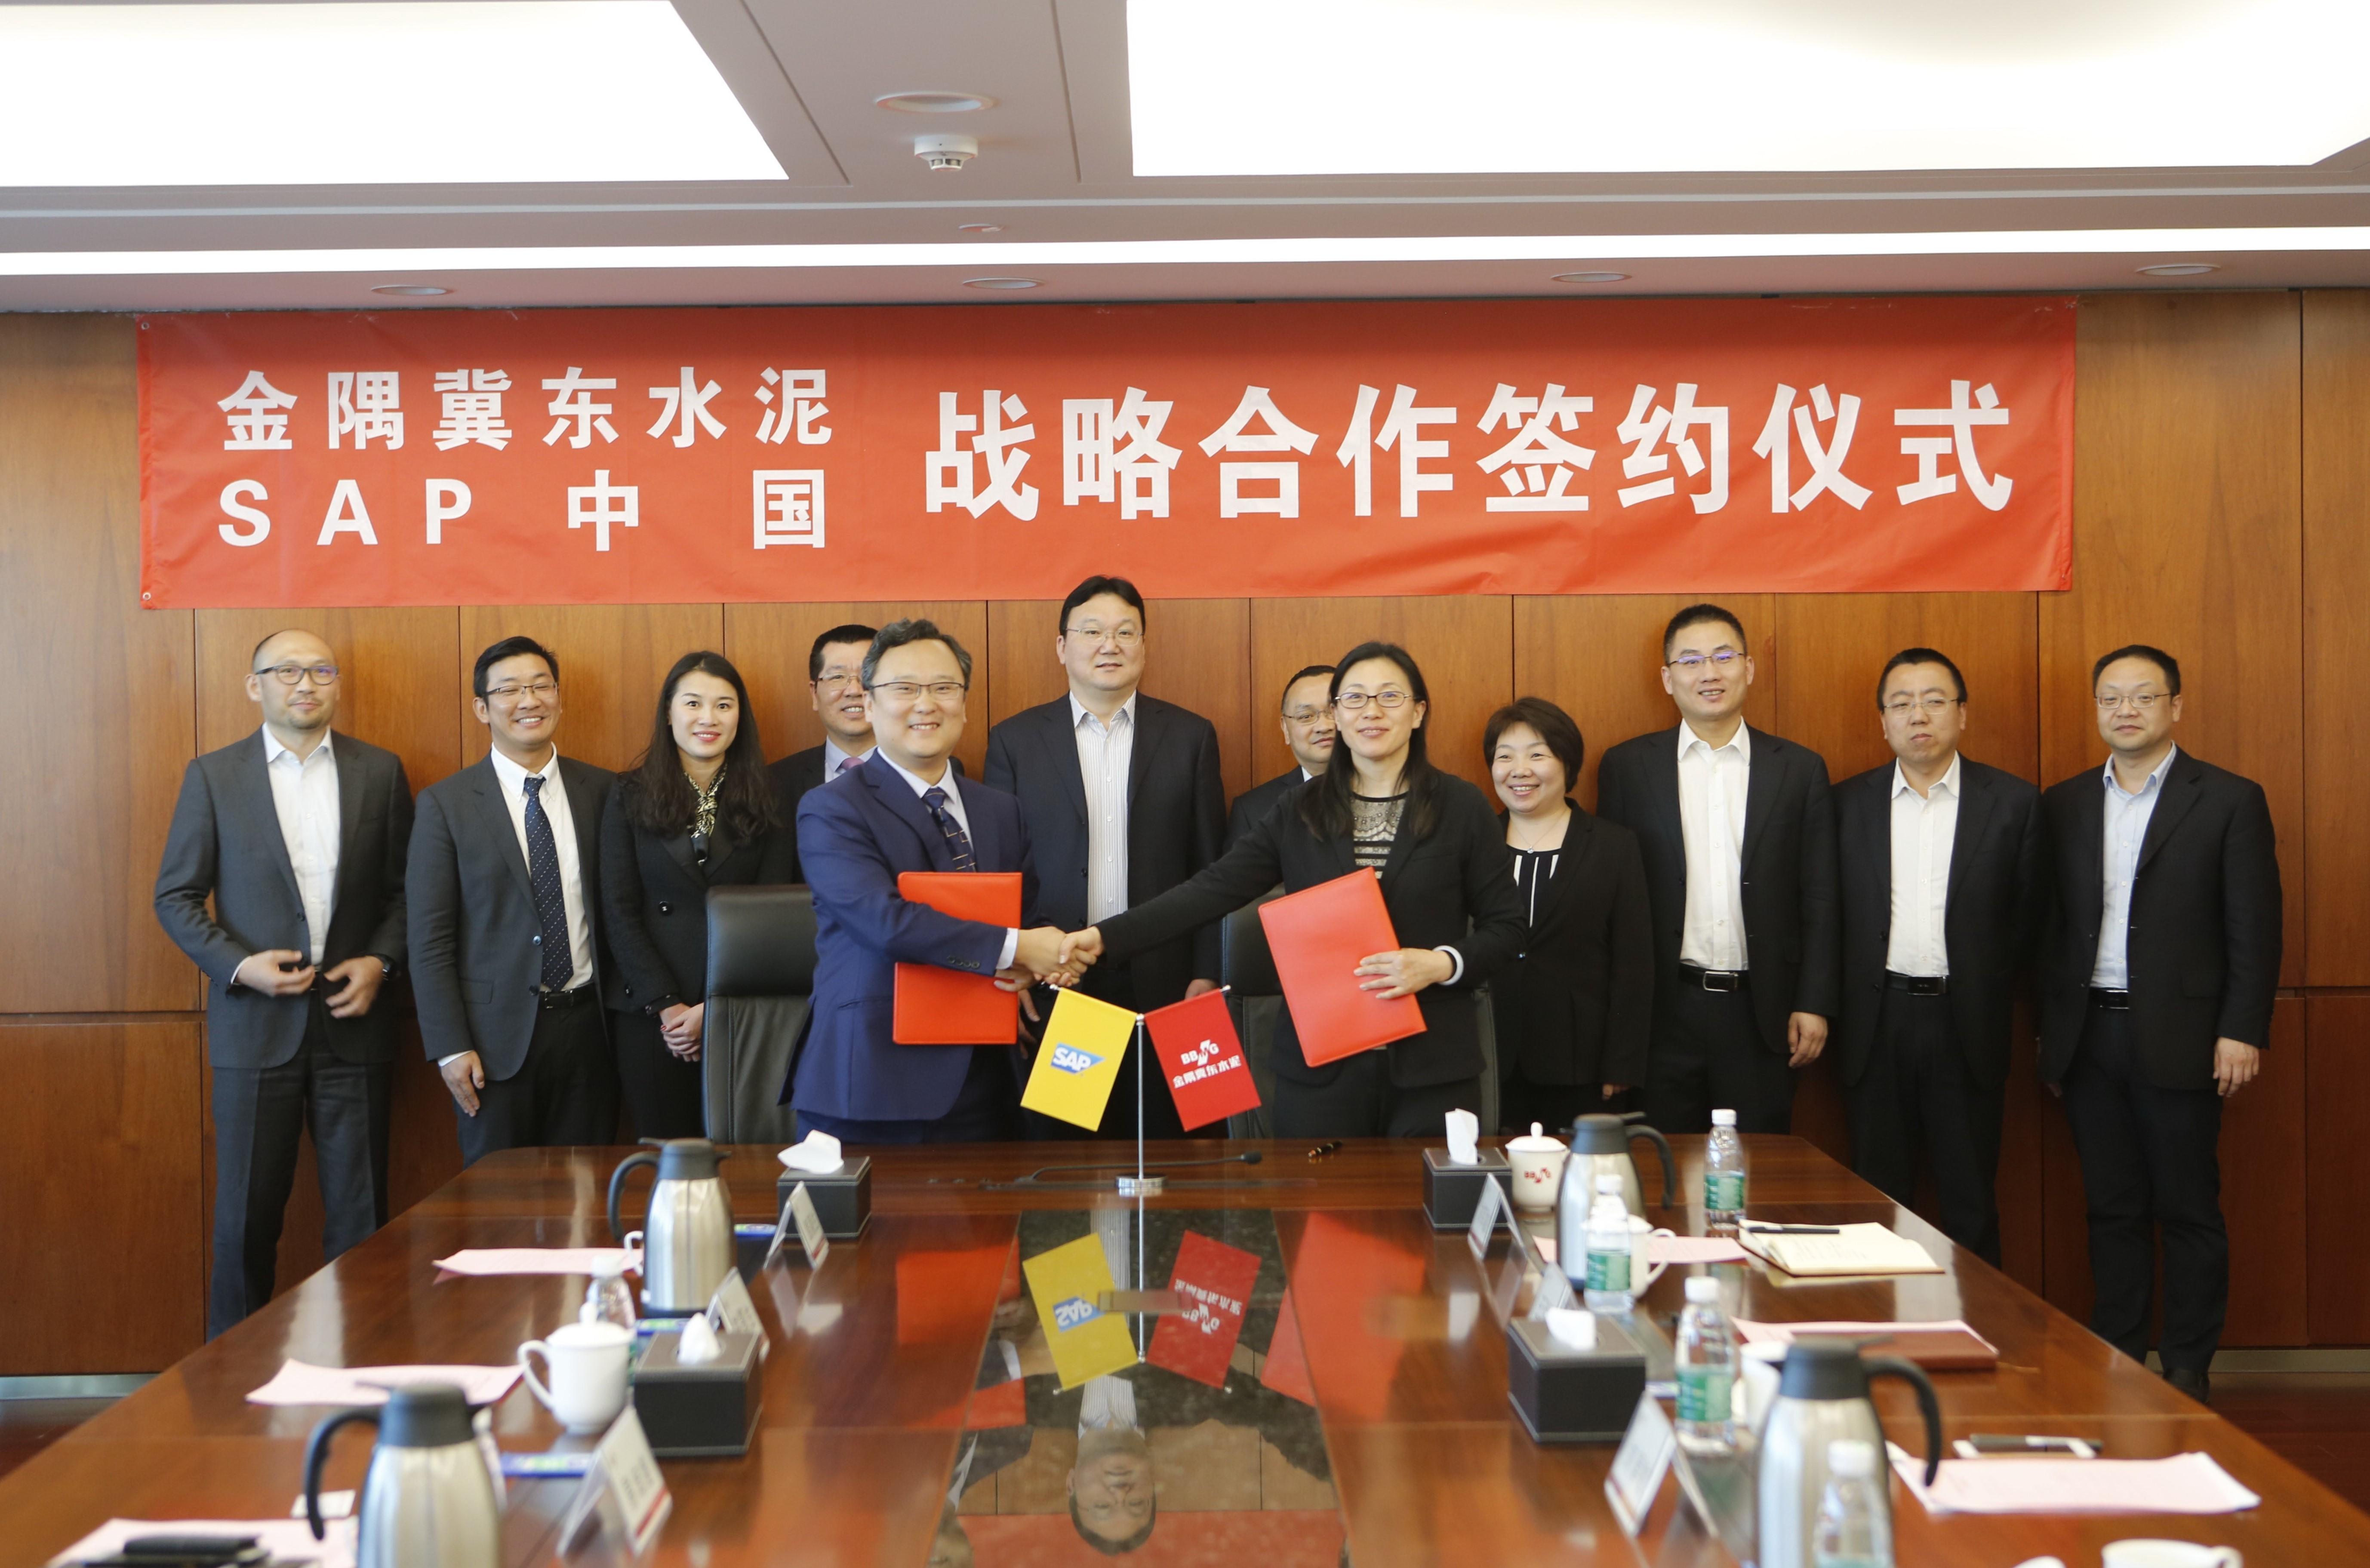 金隅冀东水泥与SAP达成战略合作,实现传统建材企业向智能化跨越